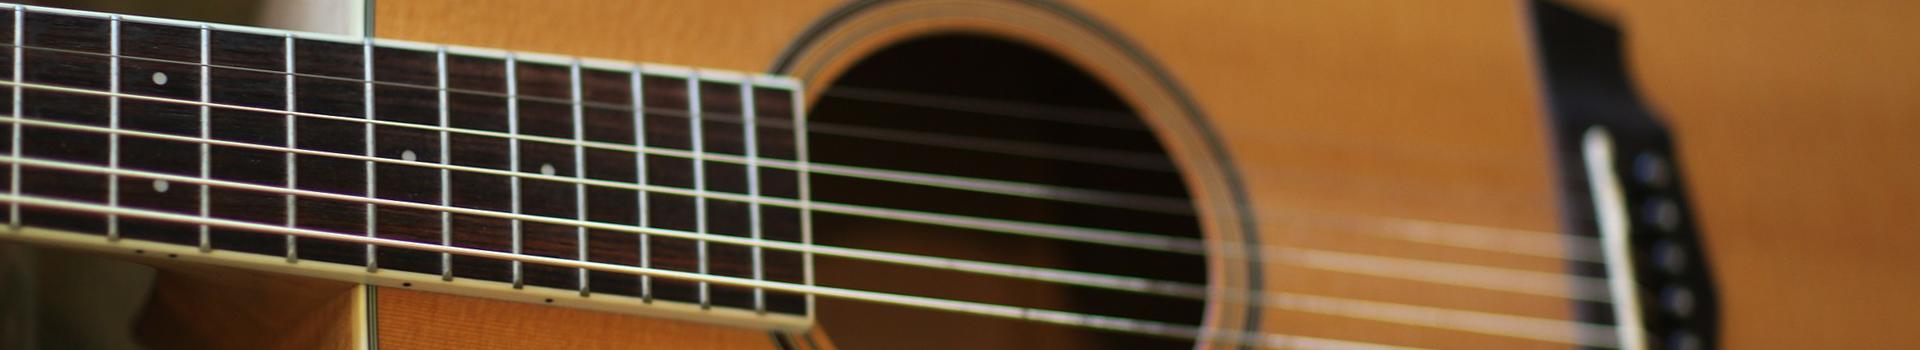 banner_guitar